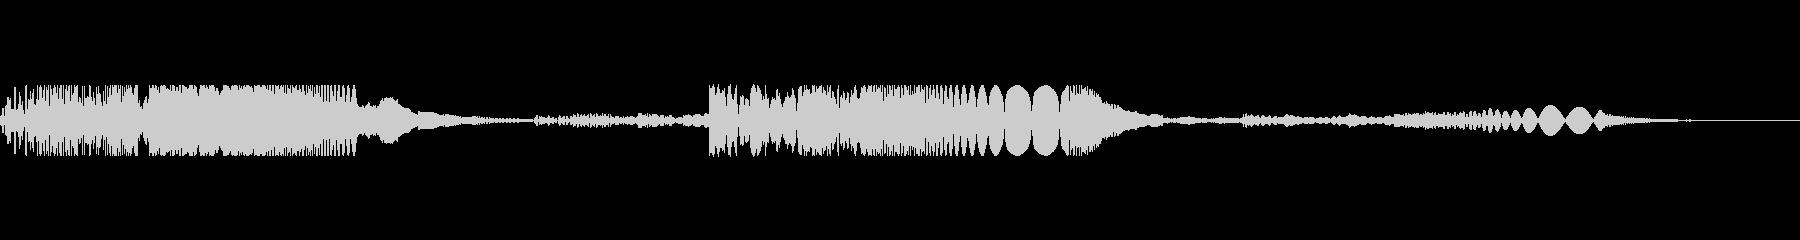 レーザーリコシェット1の未再生の波形